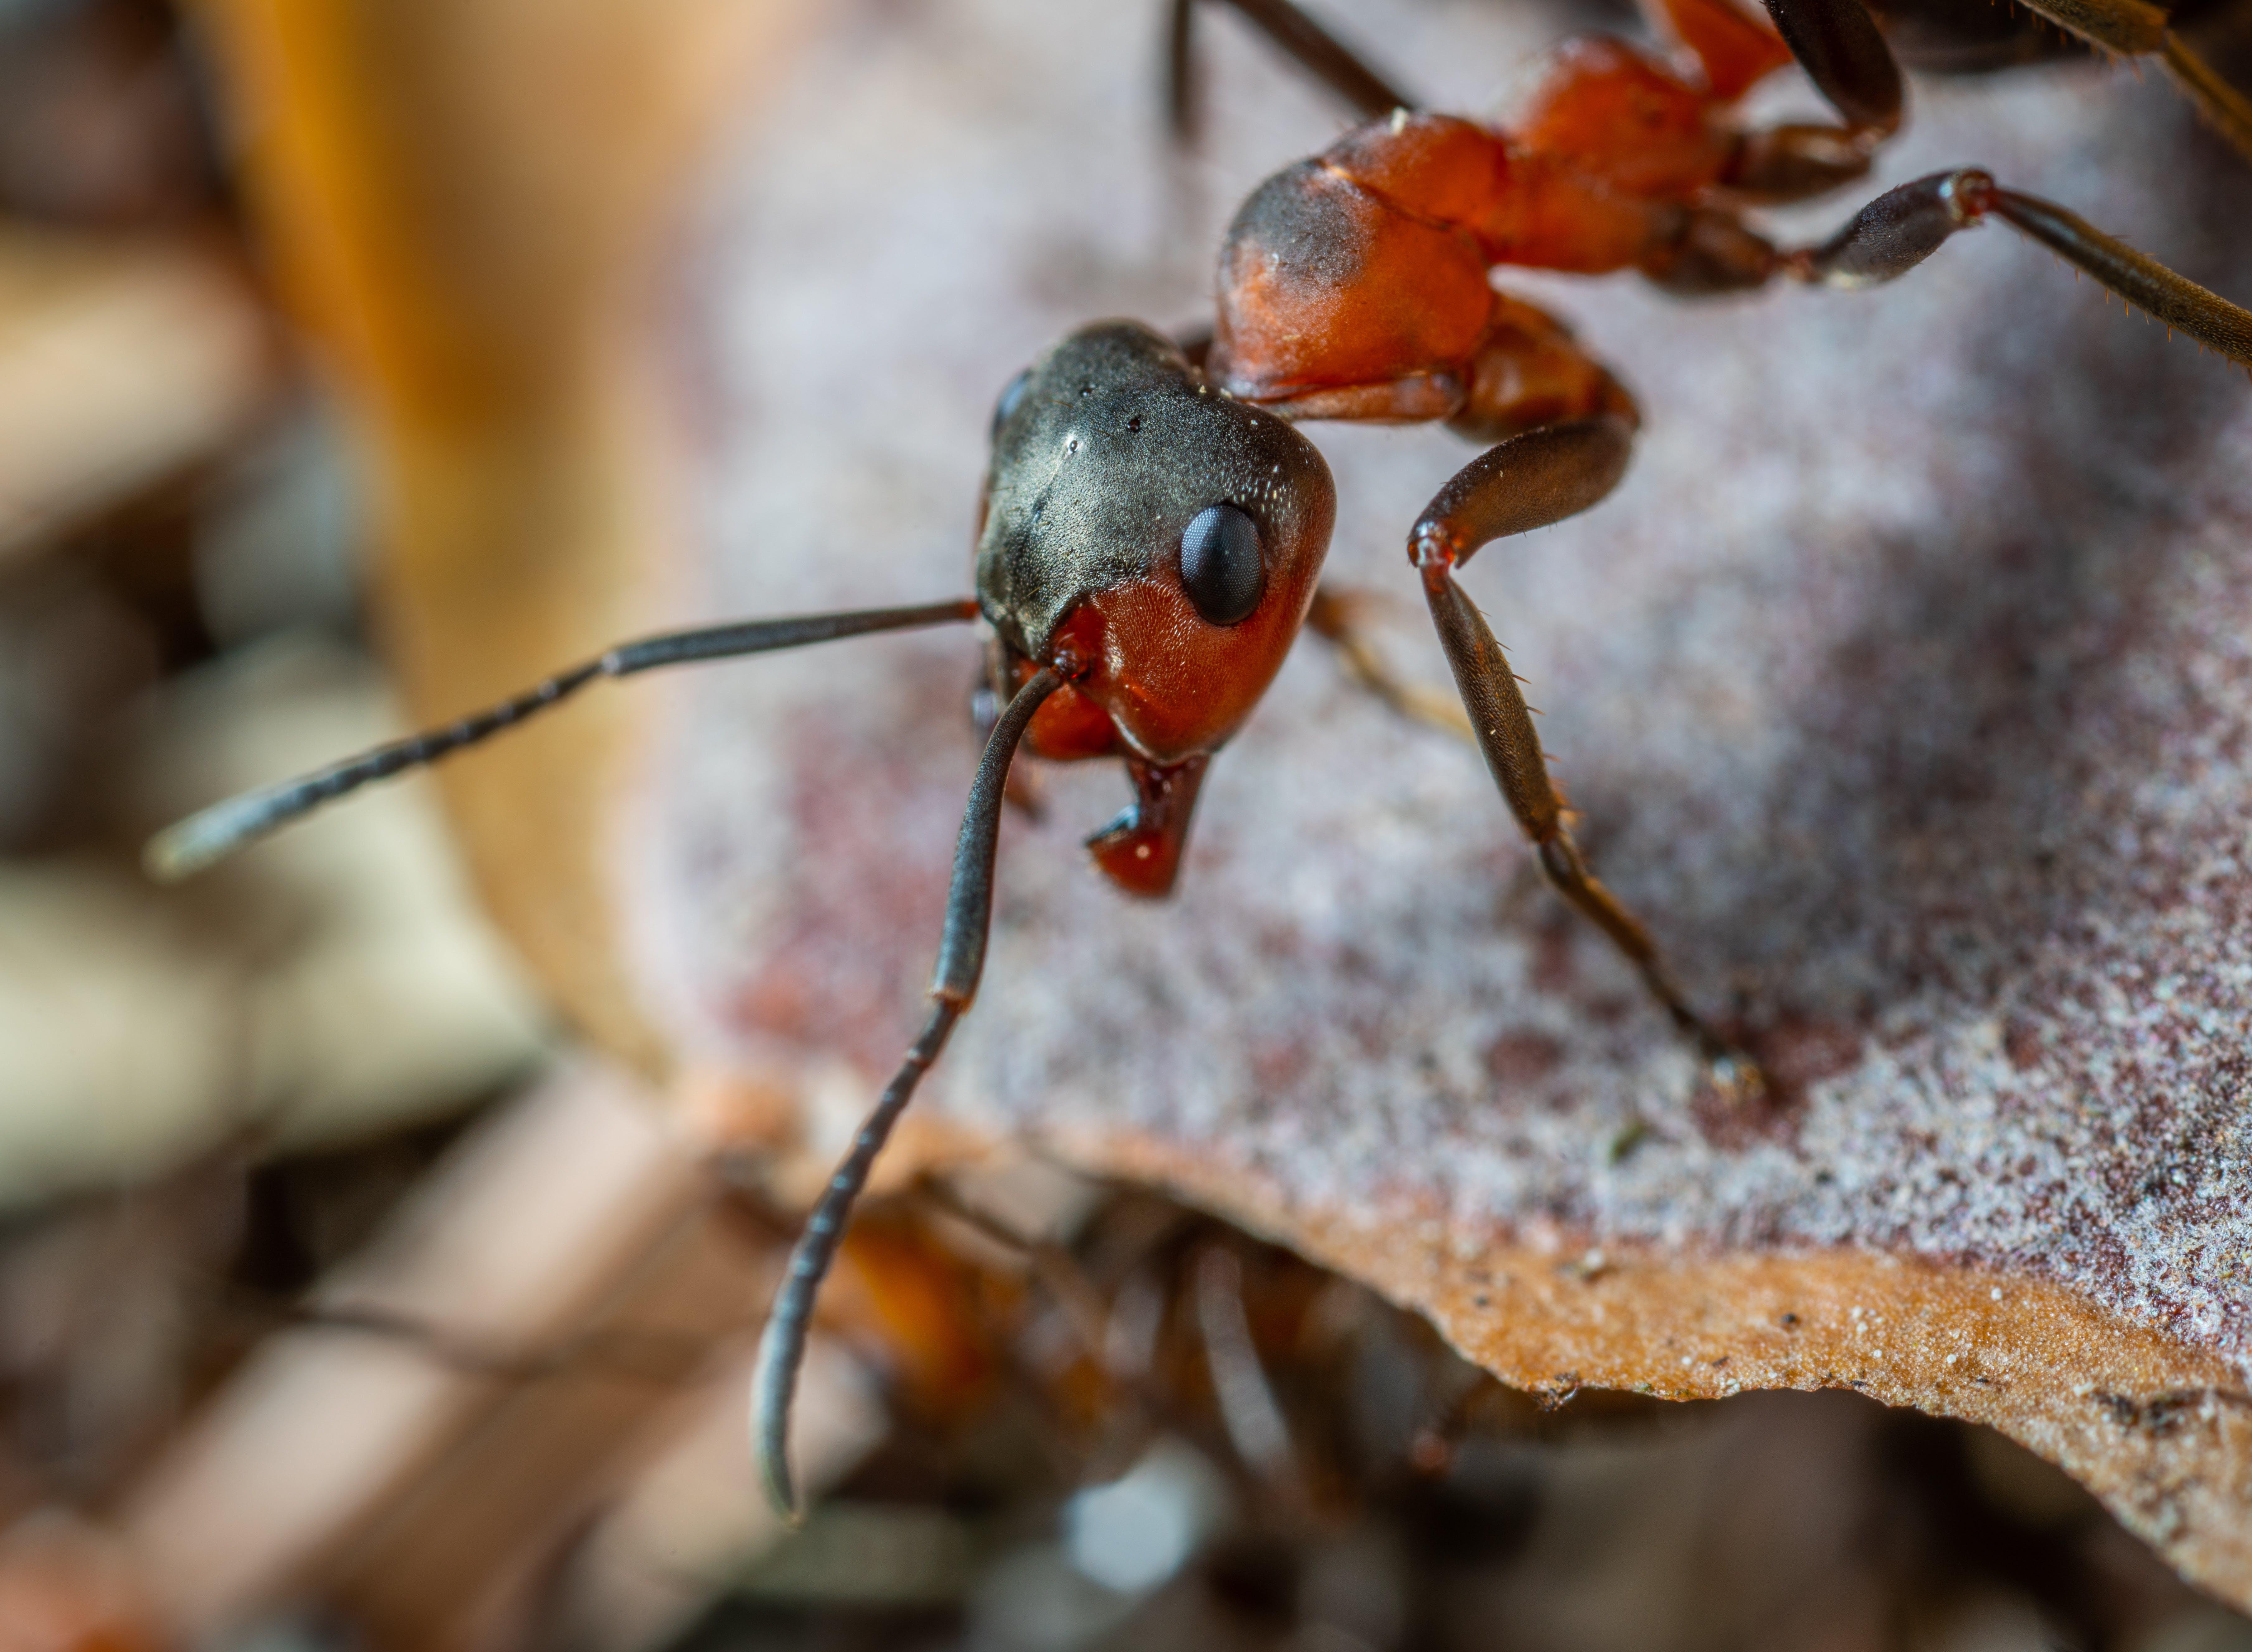 Gratis lagerfoto af hvirvelløse, makrofotografering, myre